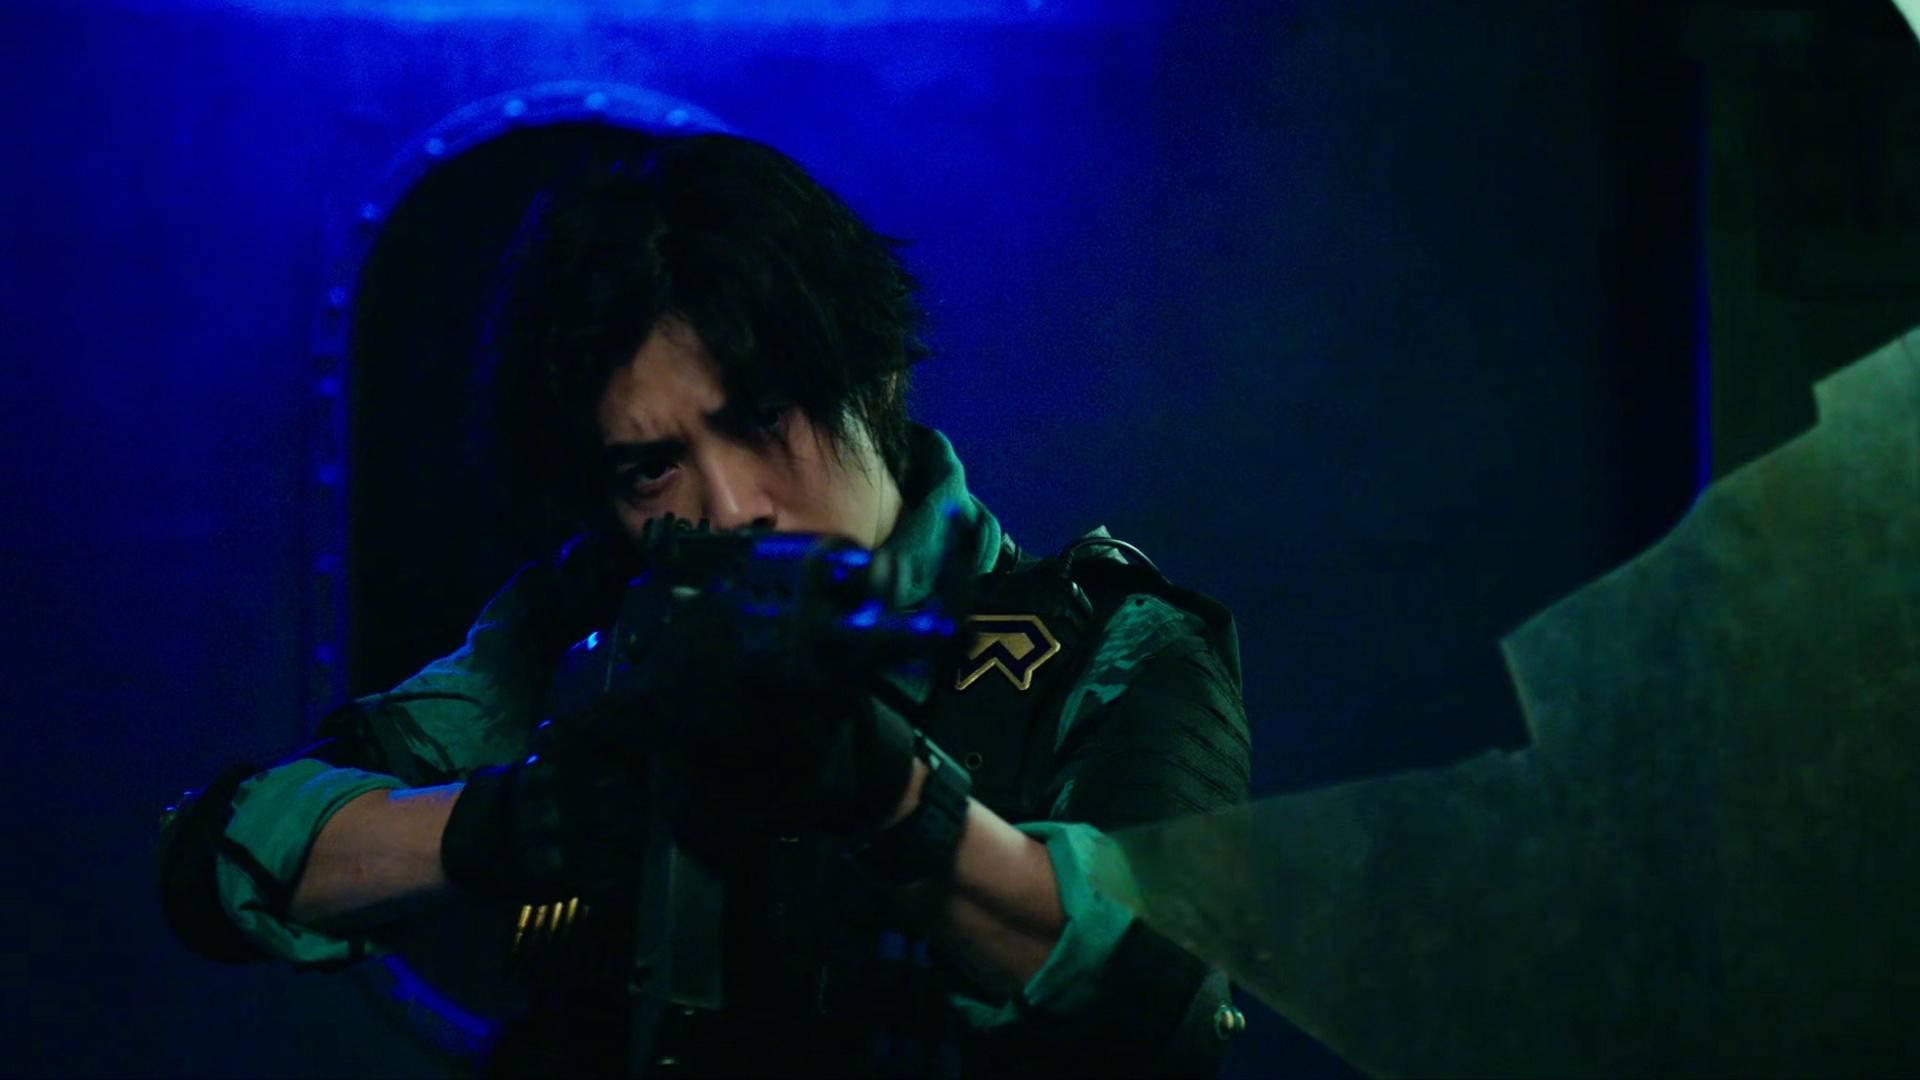 《上海堡垒》被骂惨,为何《穿越火线》观众却对鹿晗真香了?